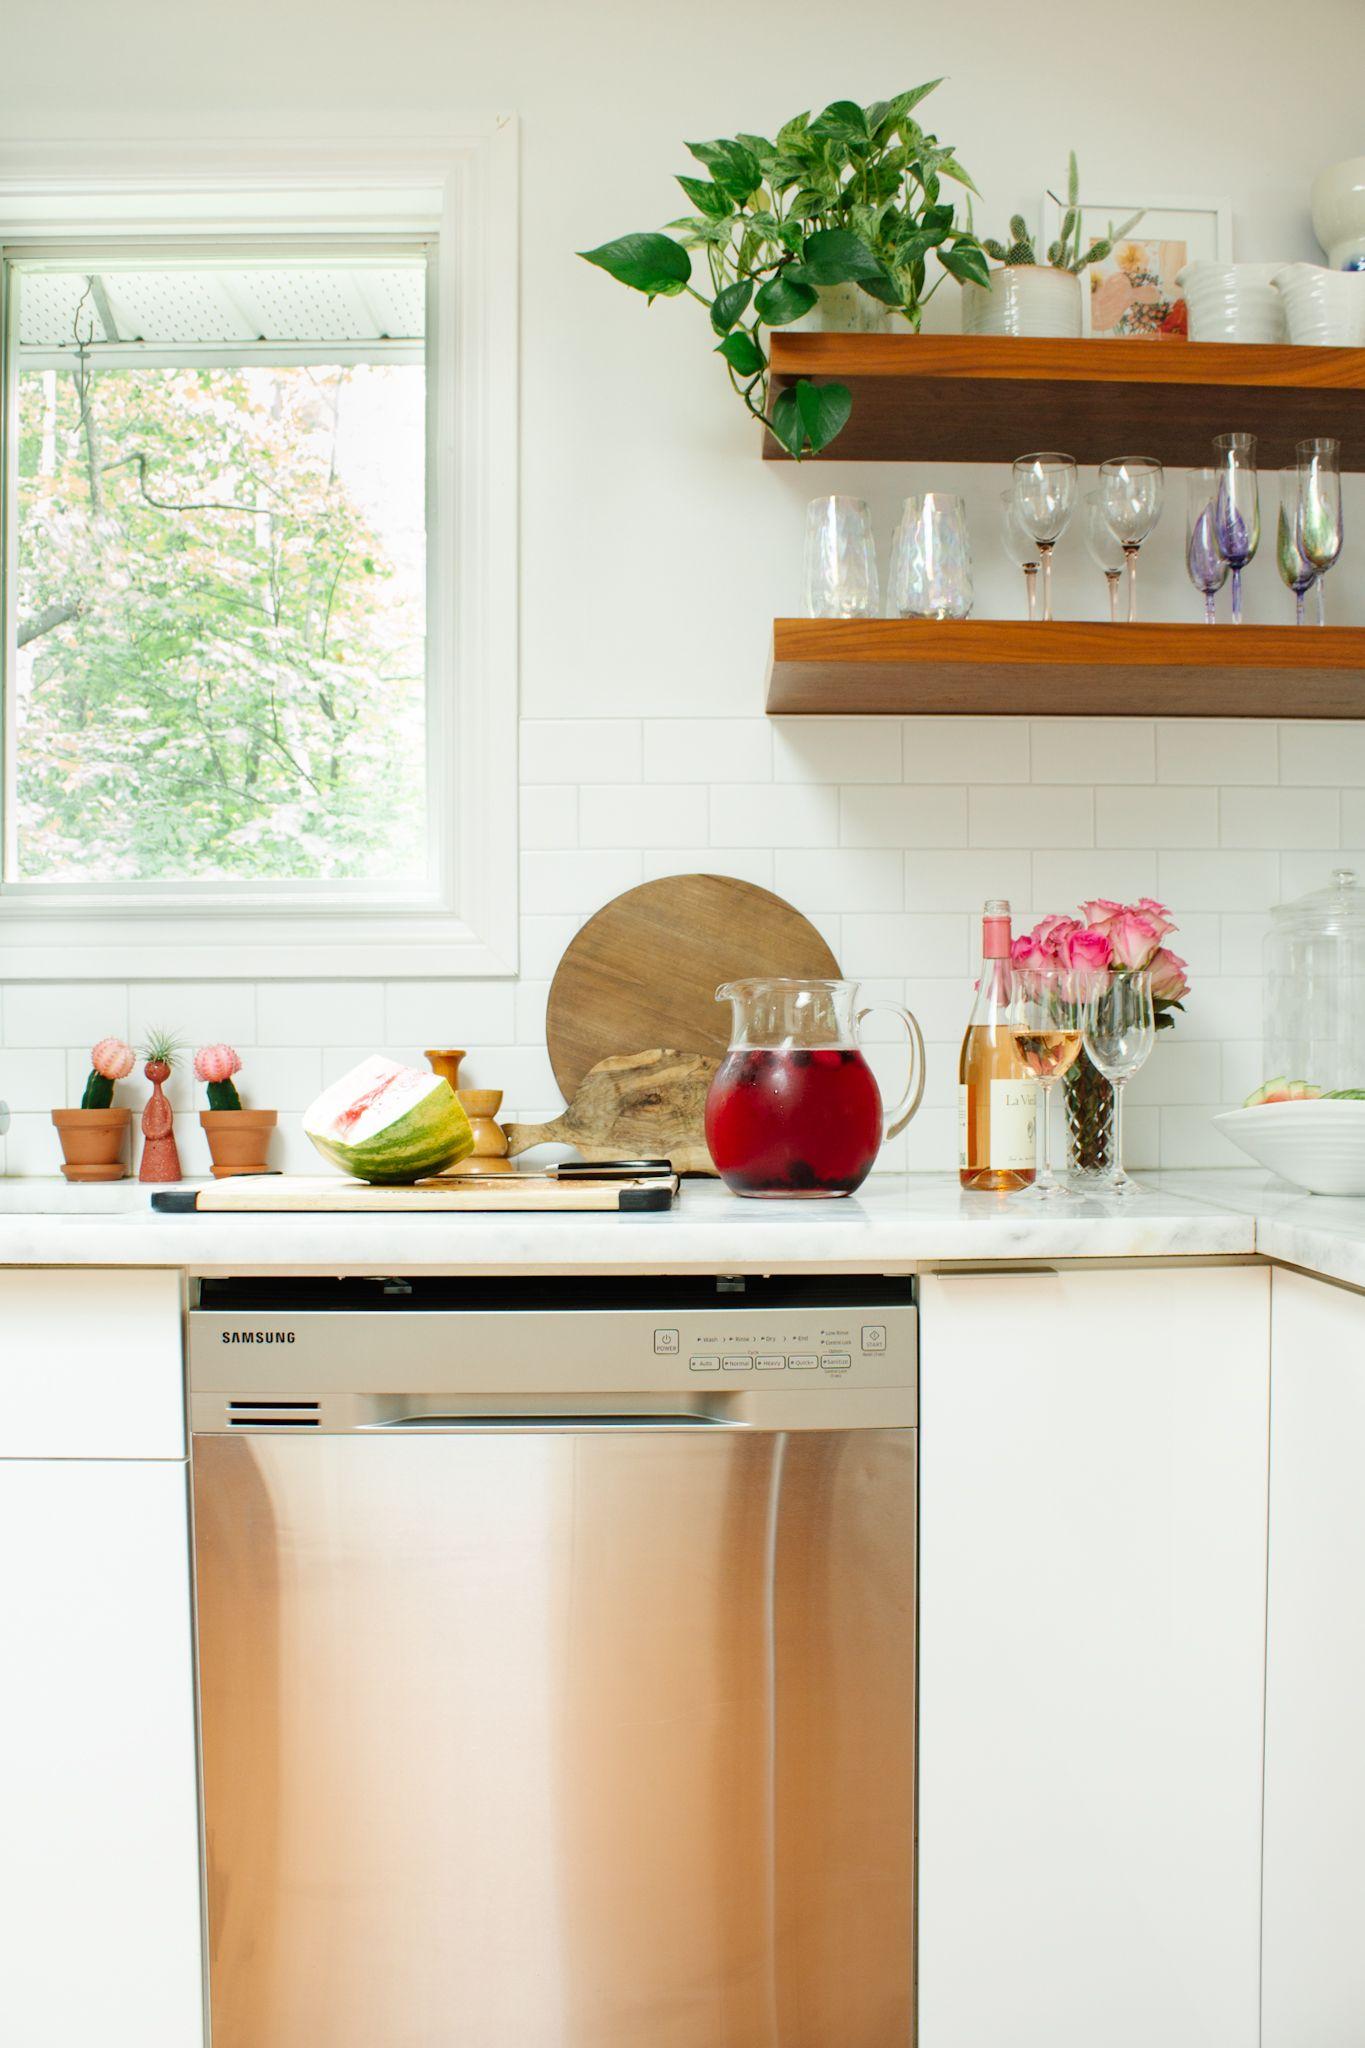 Dw80n3030us Dishwasher With Third Rack Dw80n3030us Aa Samsung Ca Kitchen Styling Modern Samsung Home Modern Kitchen